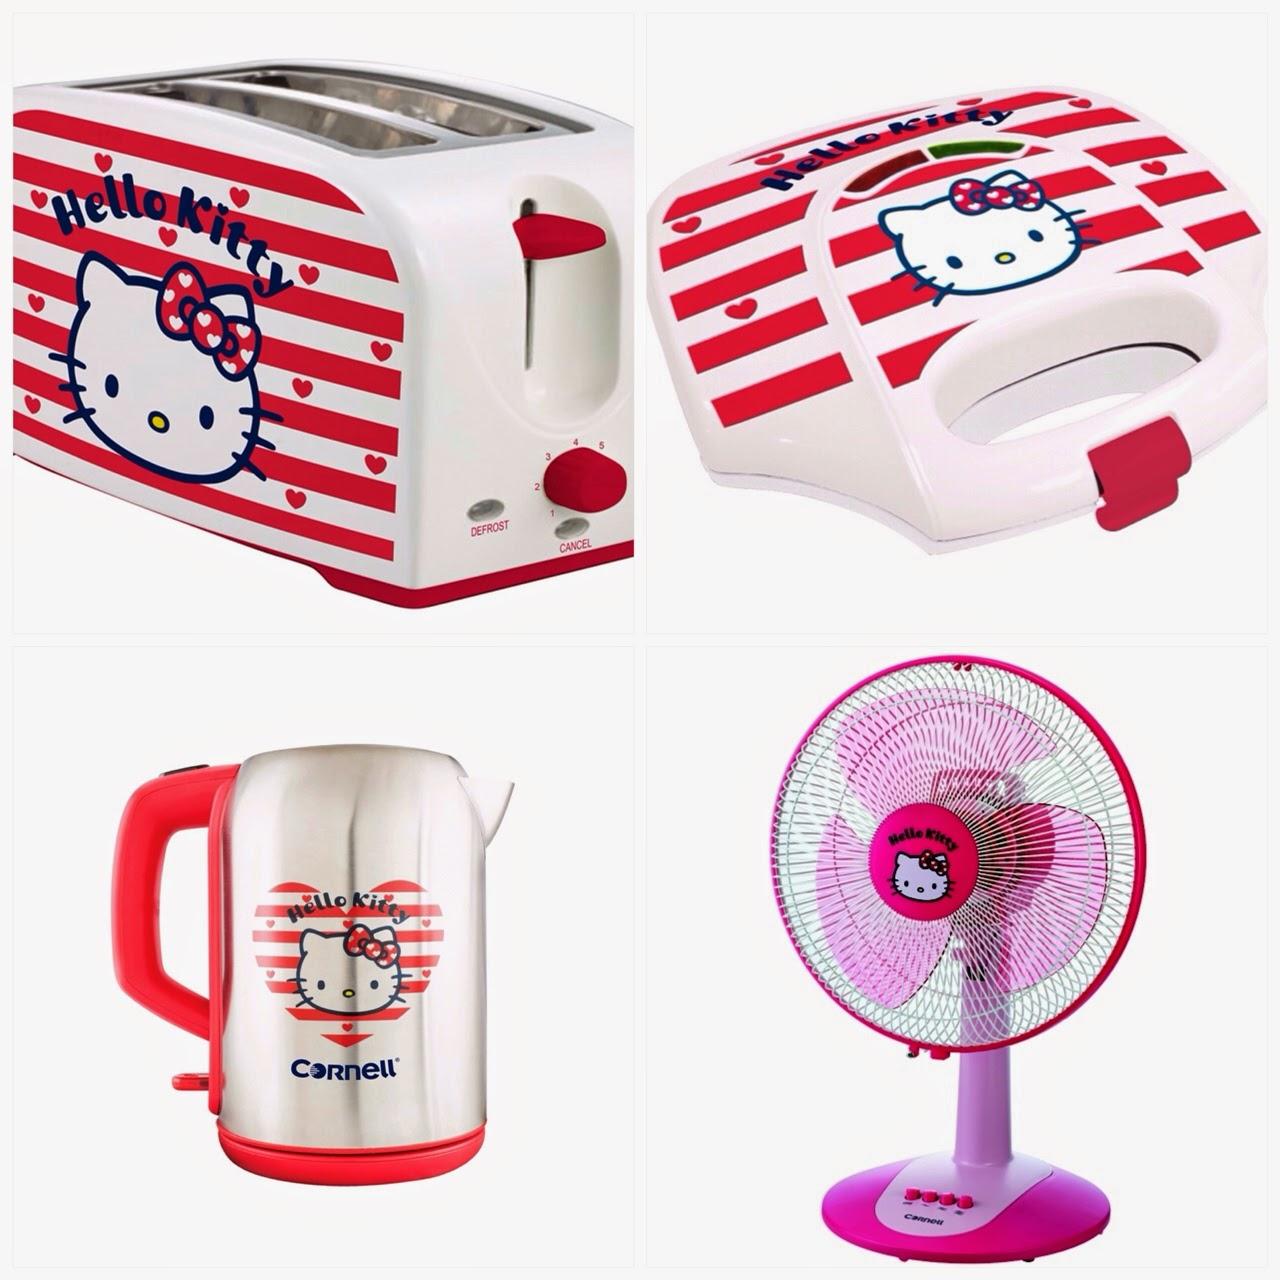 Hello Kitty Kitchen Appliances Malaysia Lifestyle Home Appliances ...